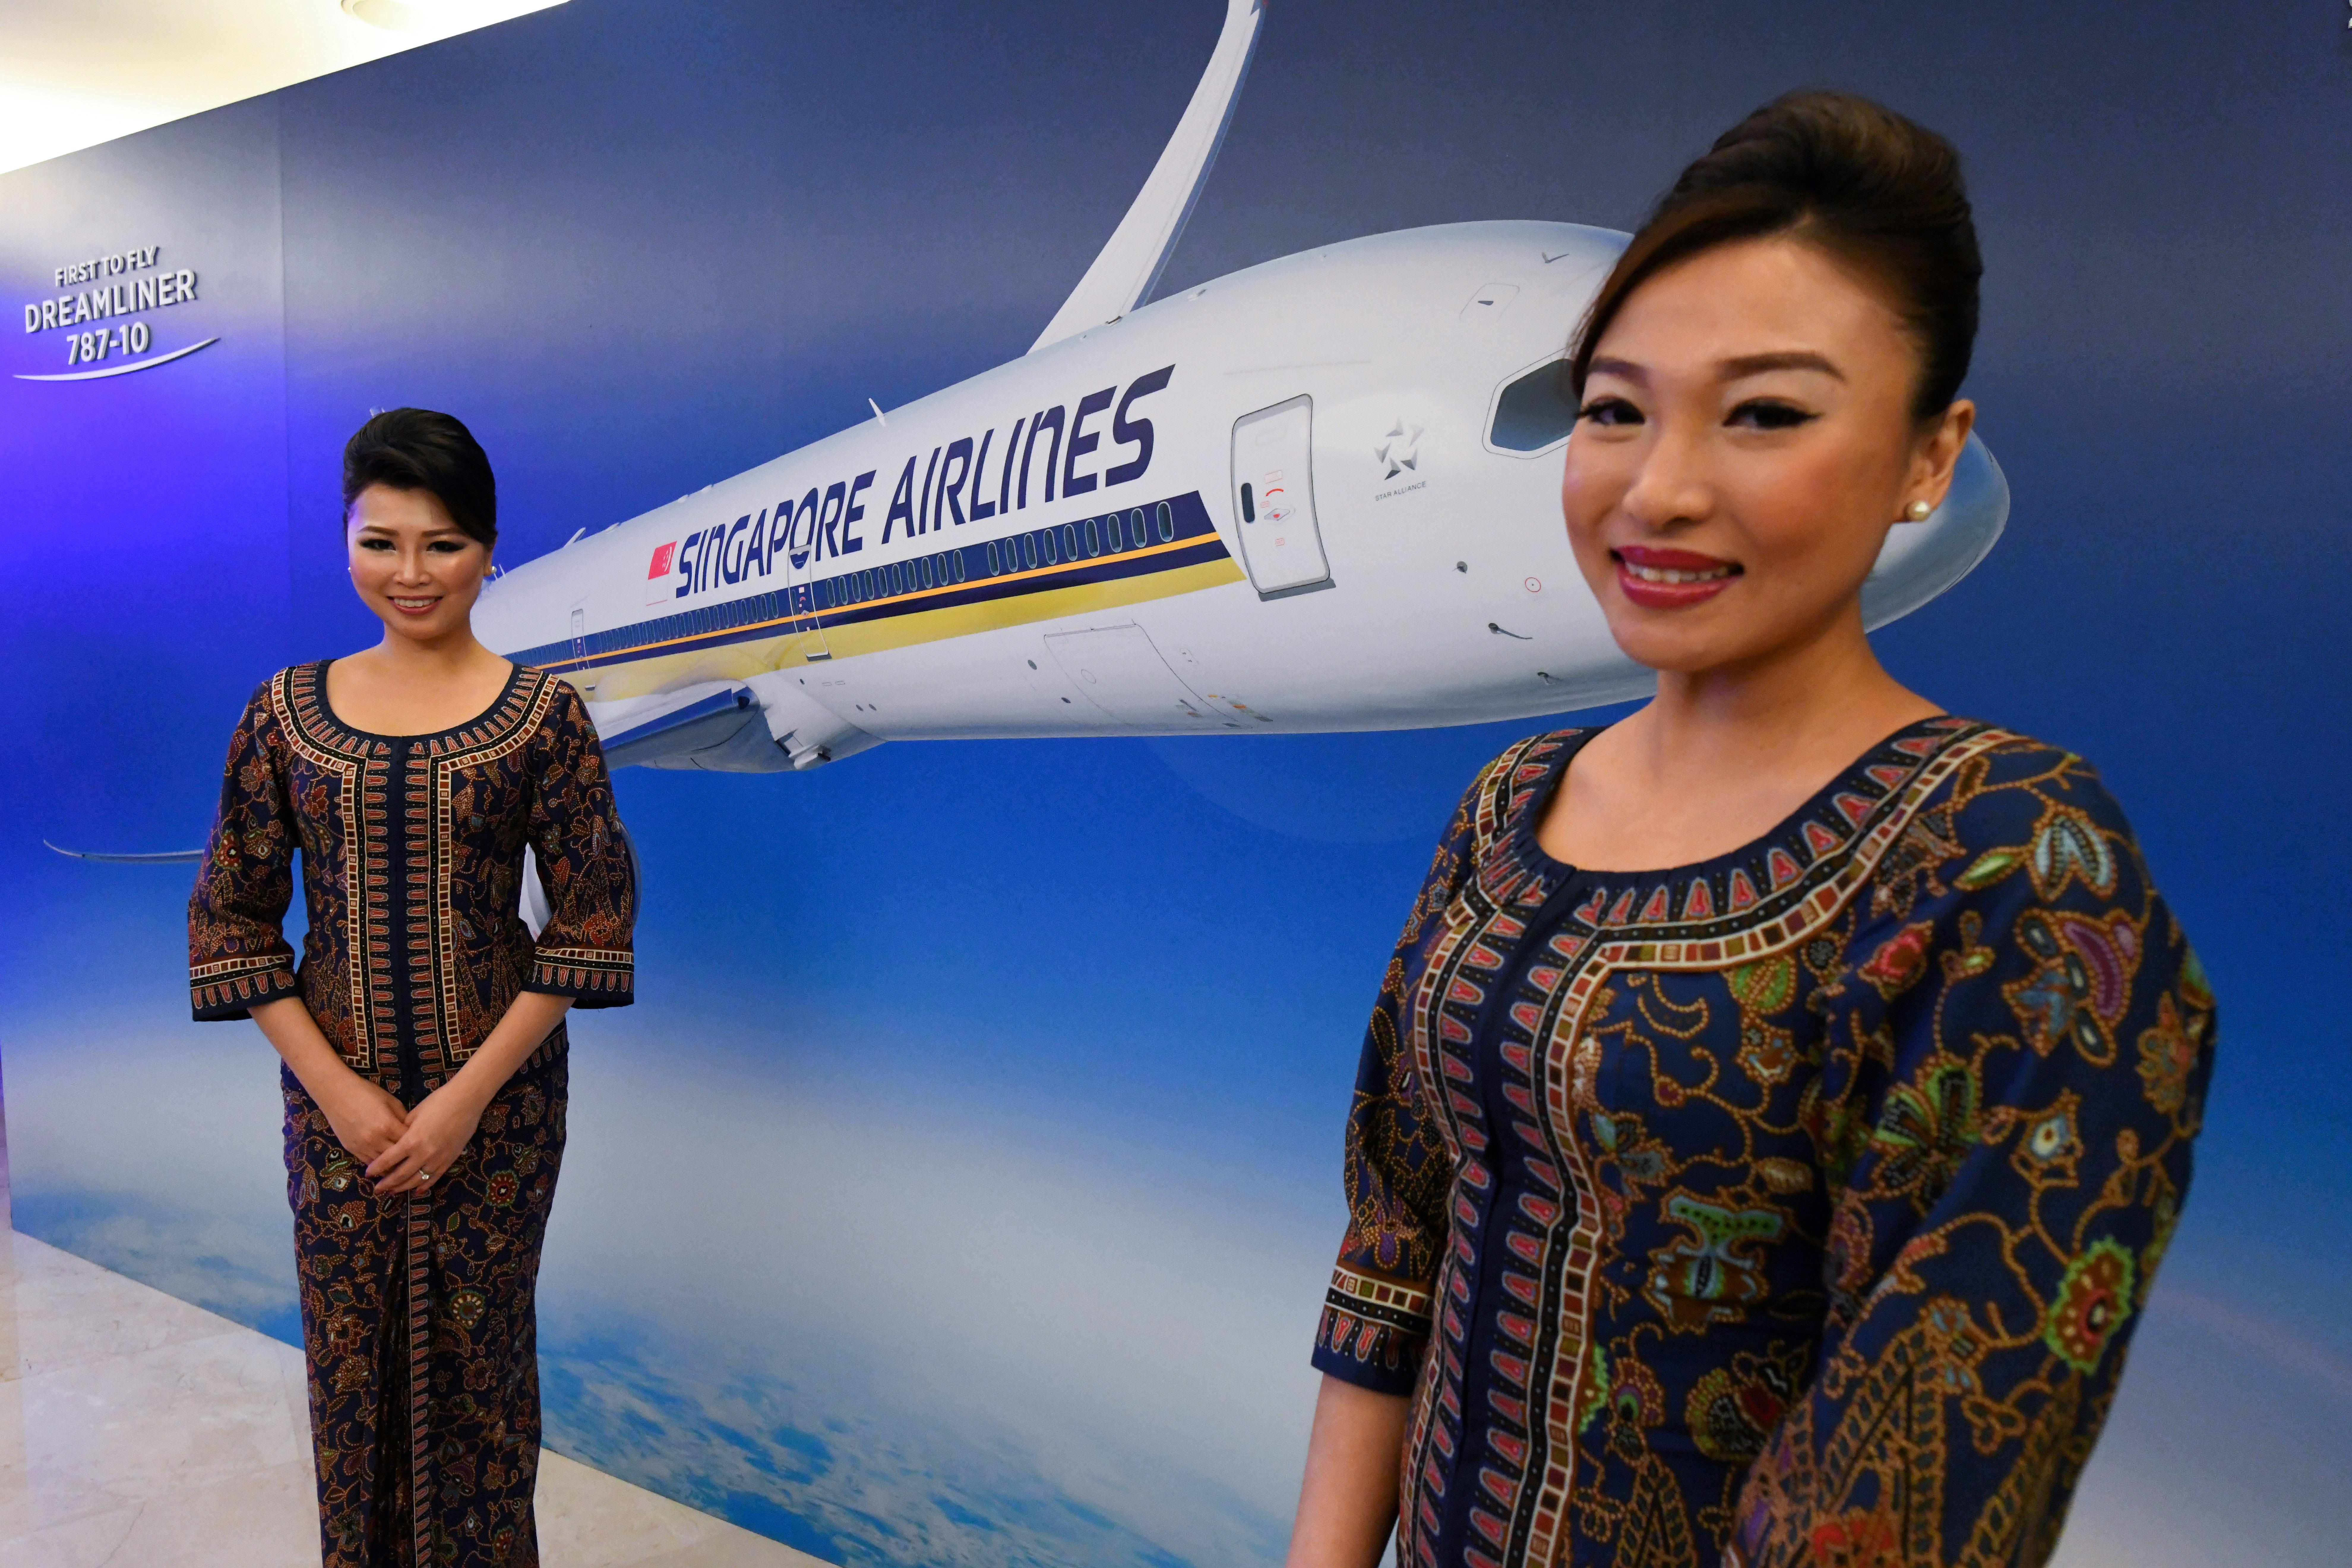 Enni és filmet nézni lehetett a szingapúri légitársaság álló repülőjén, pillanatok alatt elfogytak a jegyek